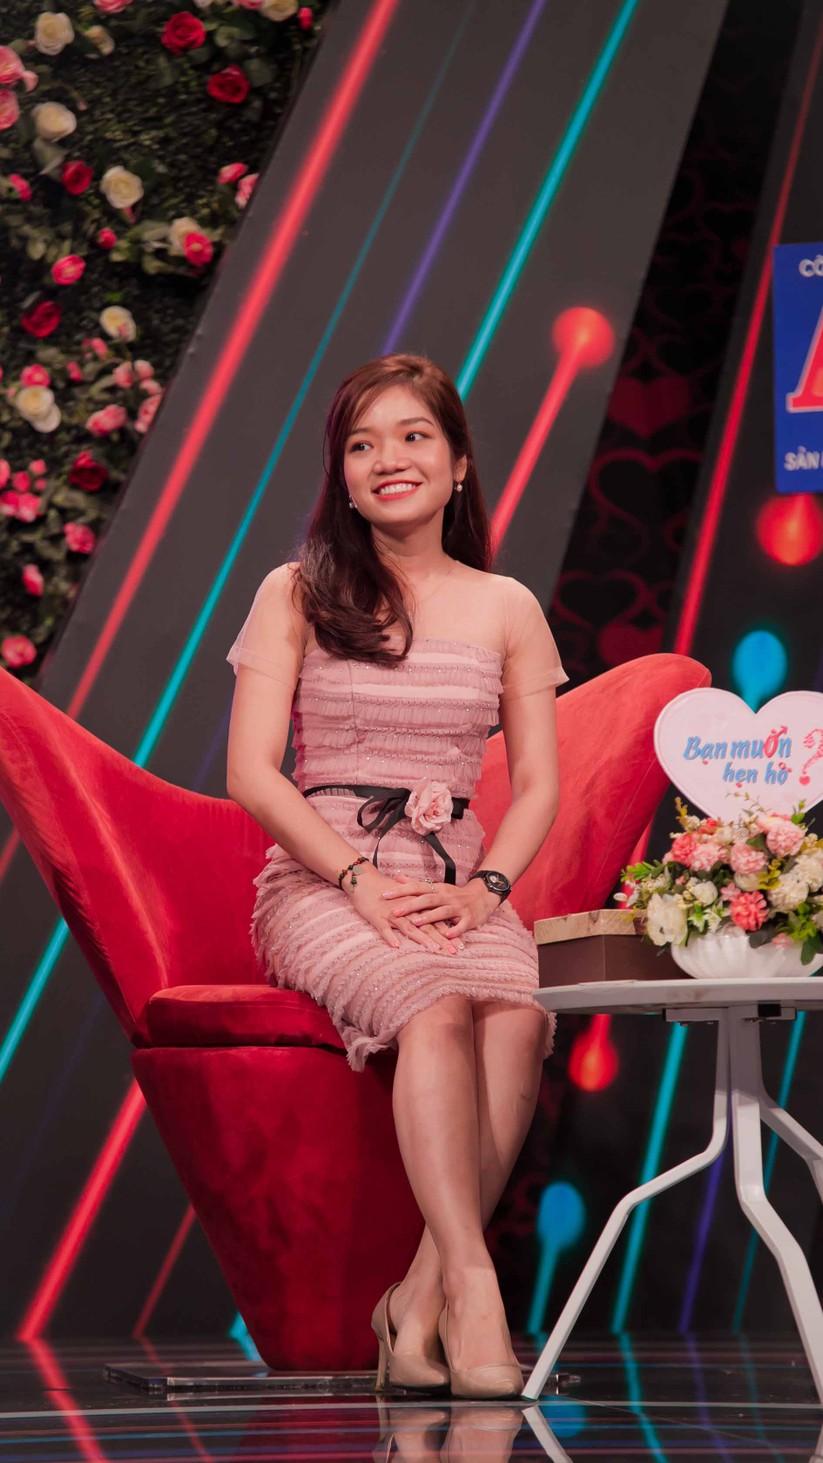 Cô bạn gái Lê Phương Thảo (30 tuổi, TP.HCM)